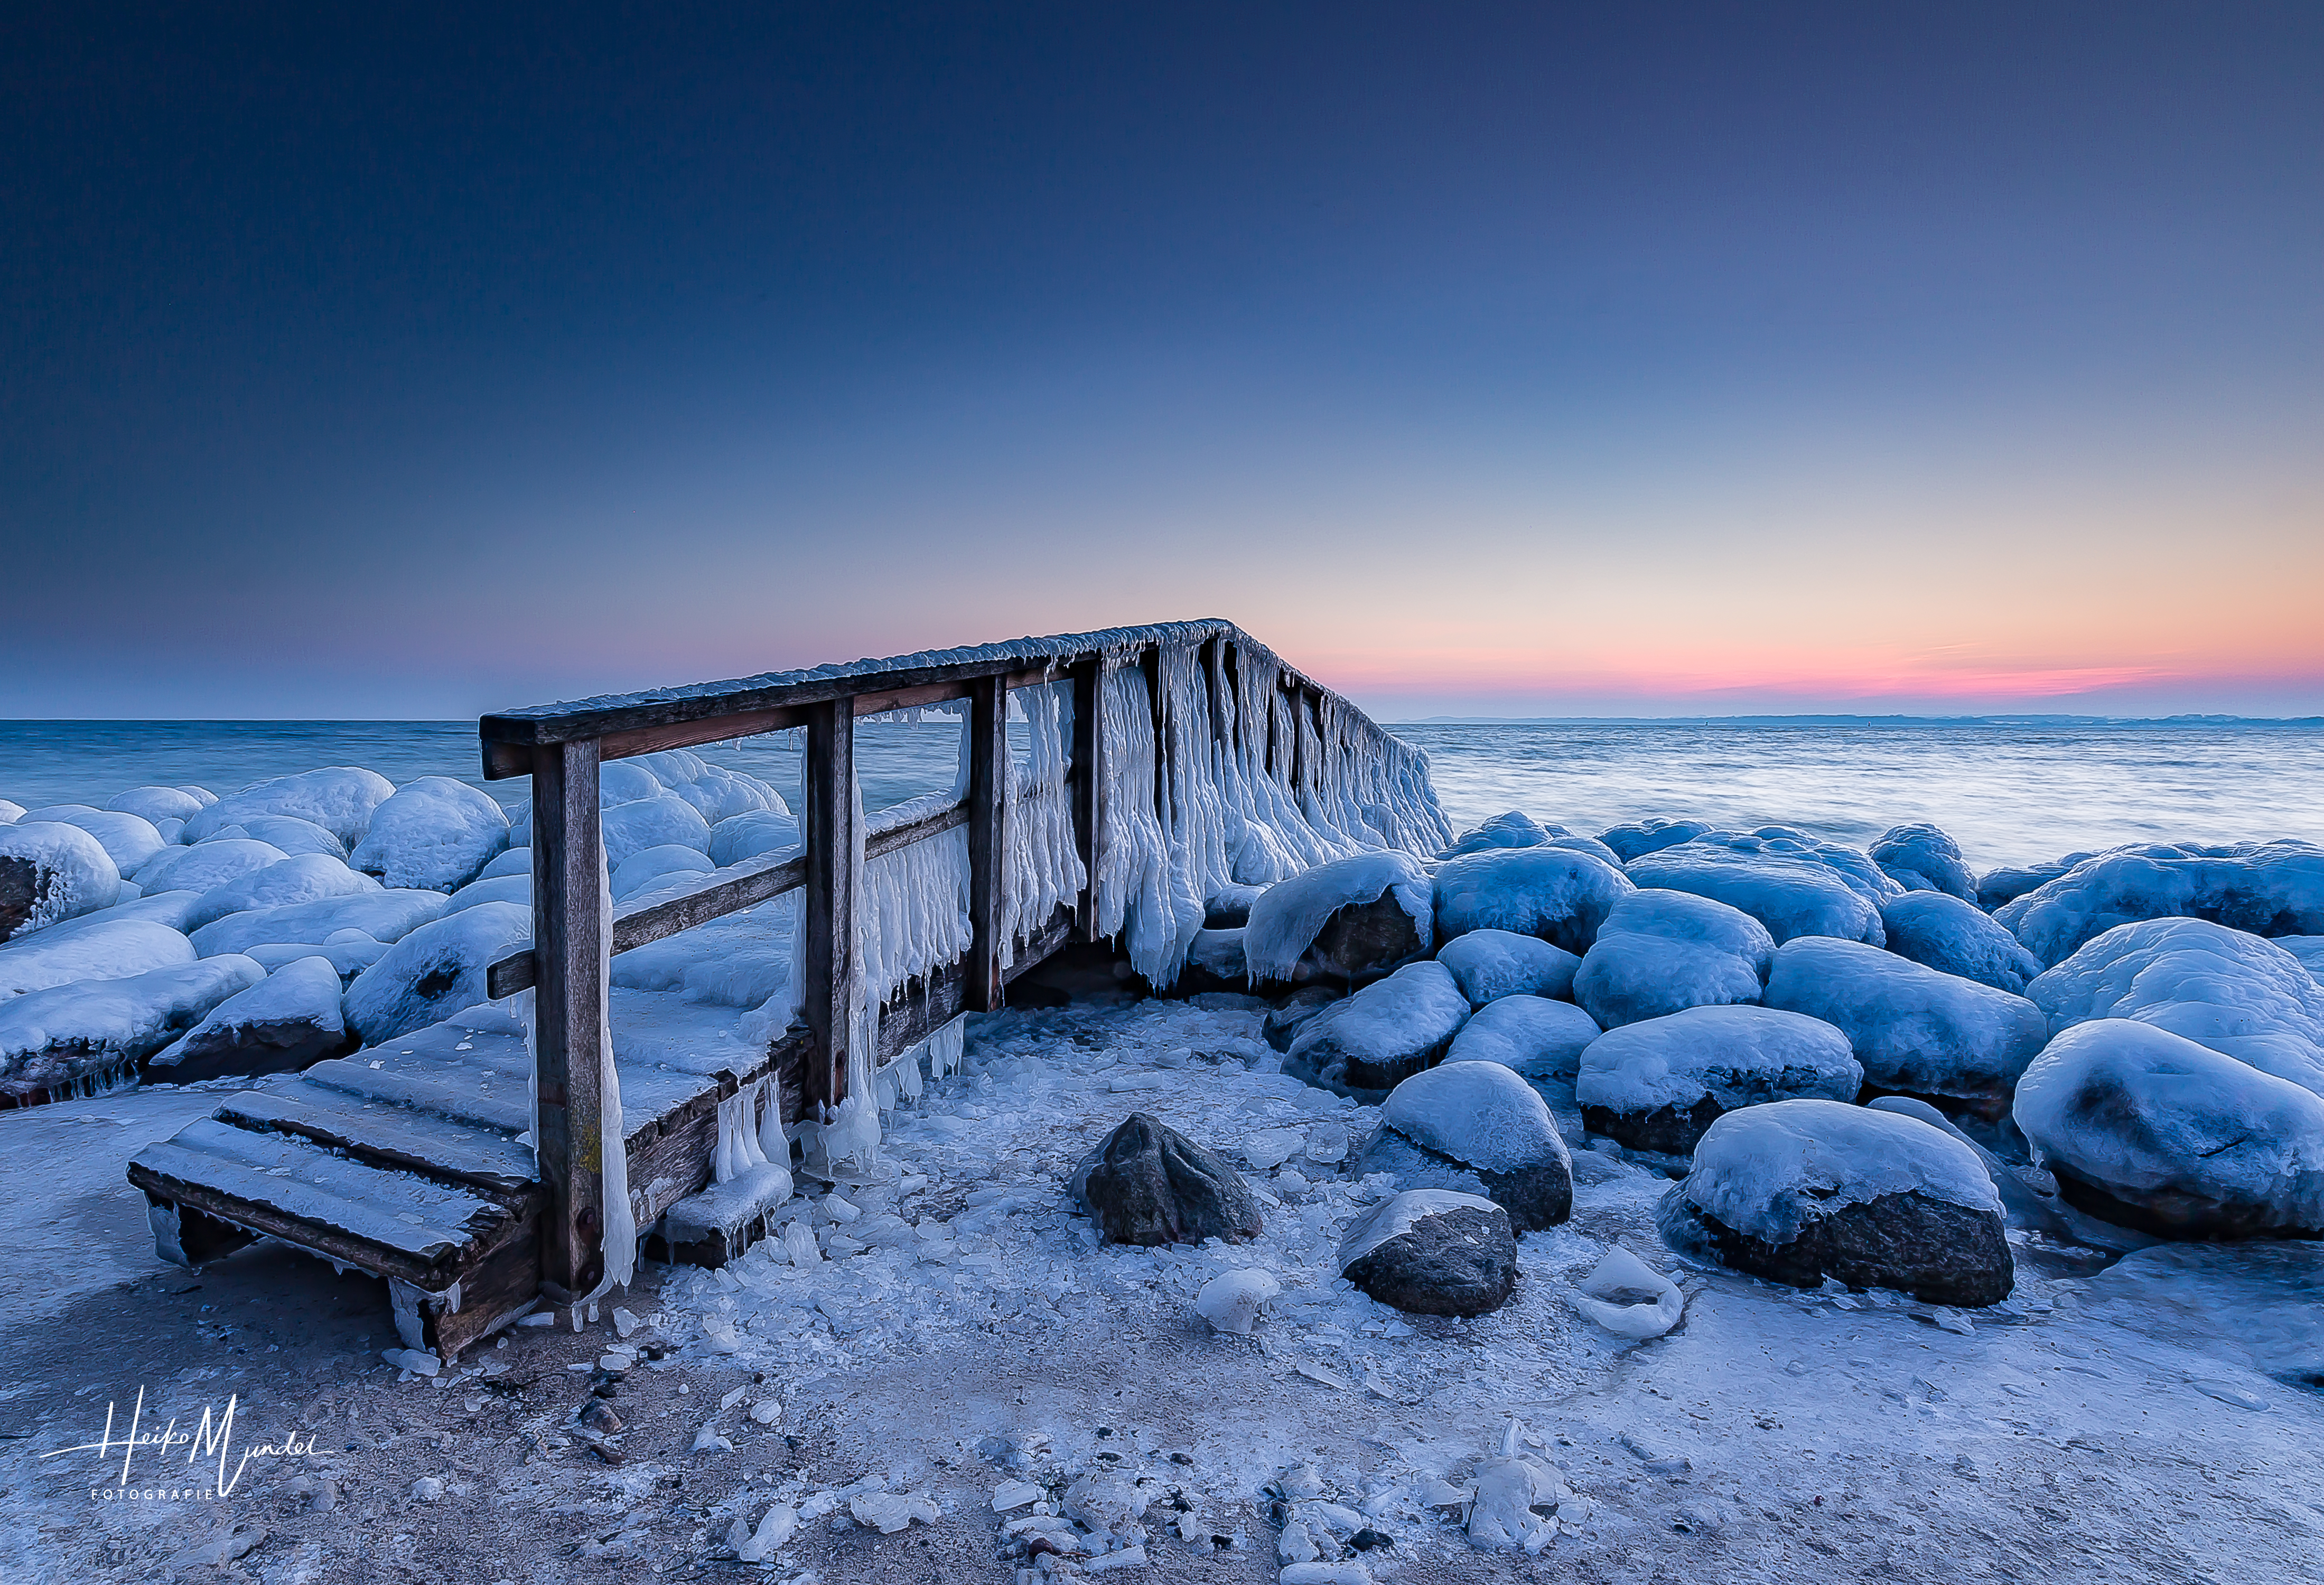 Eiszeit an der Ostsee -2-